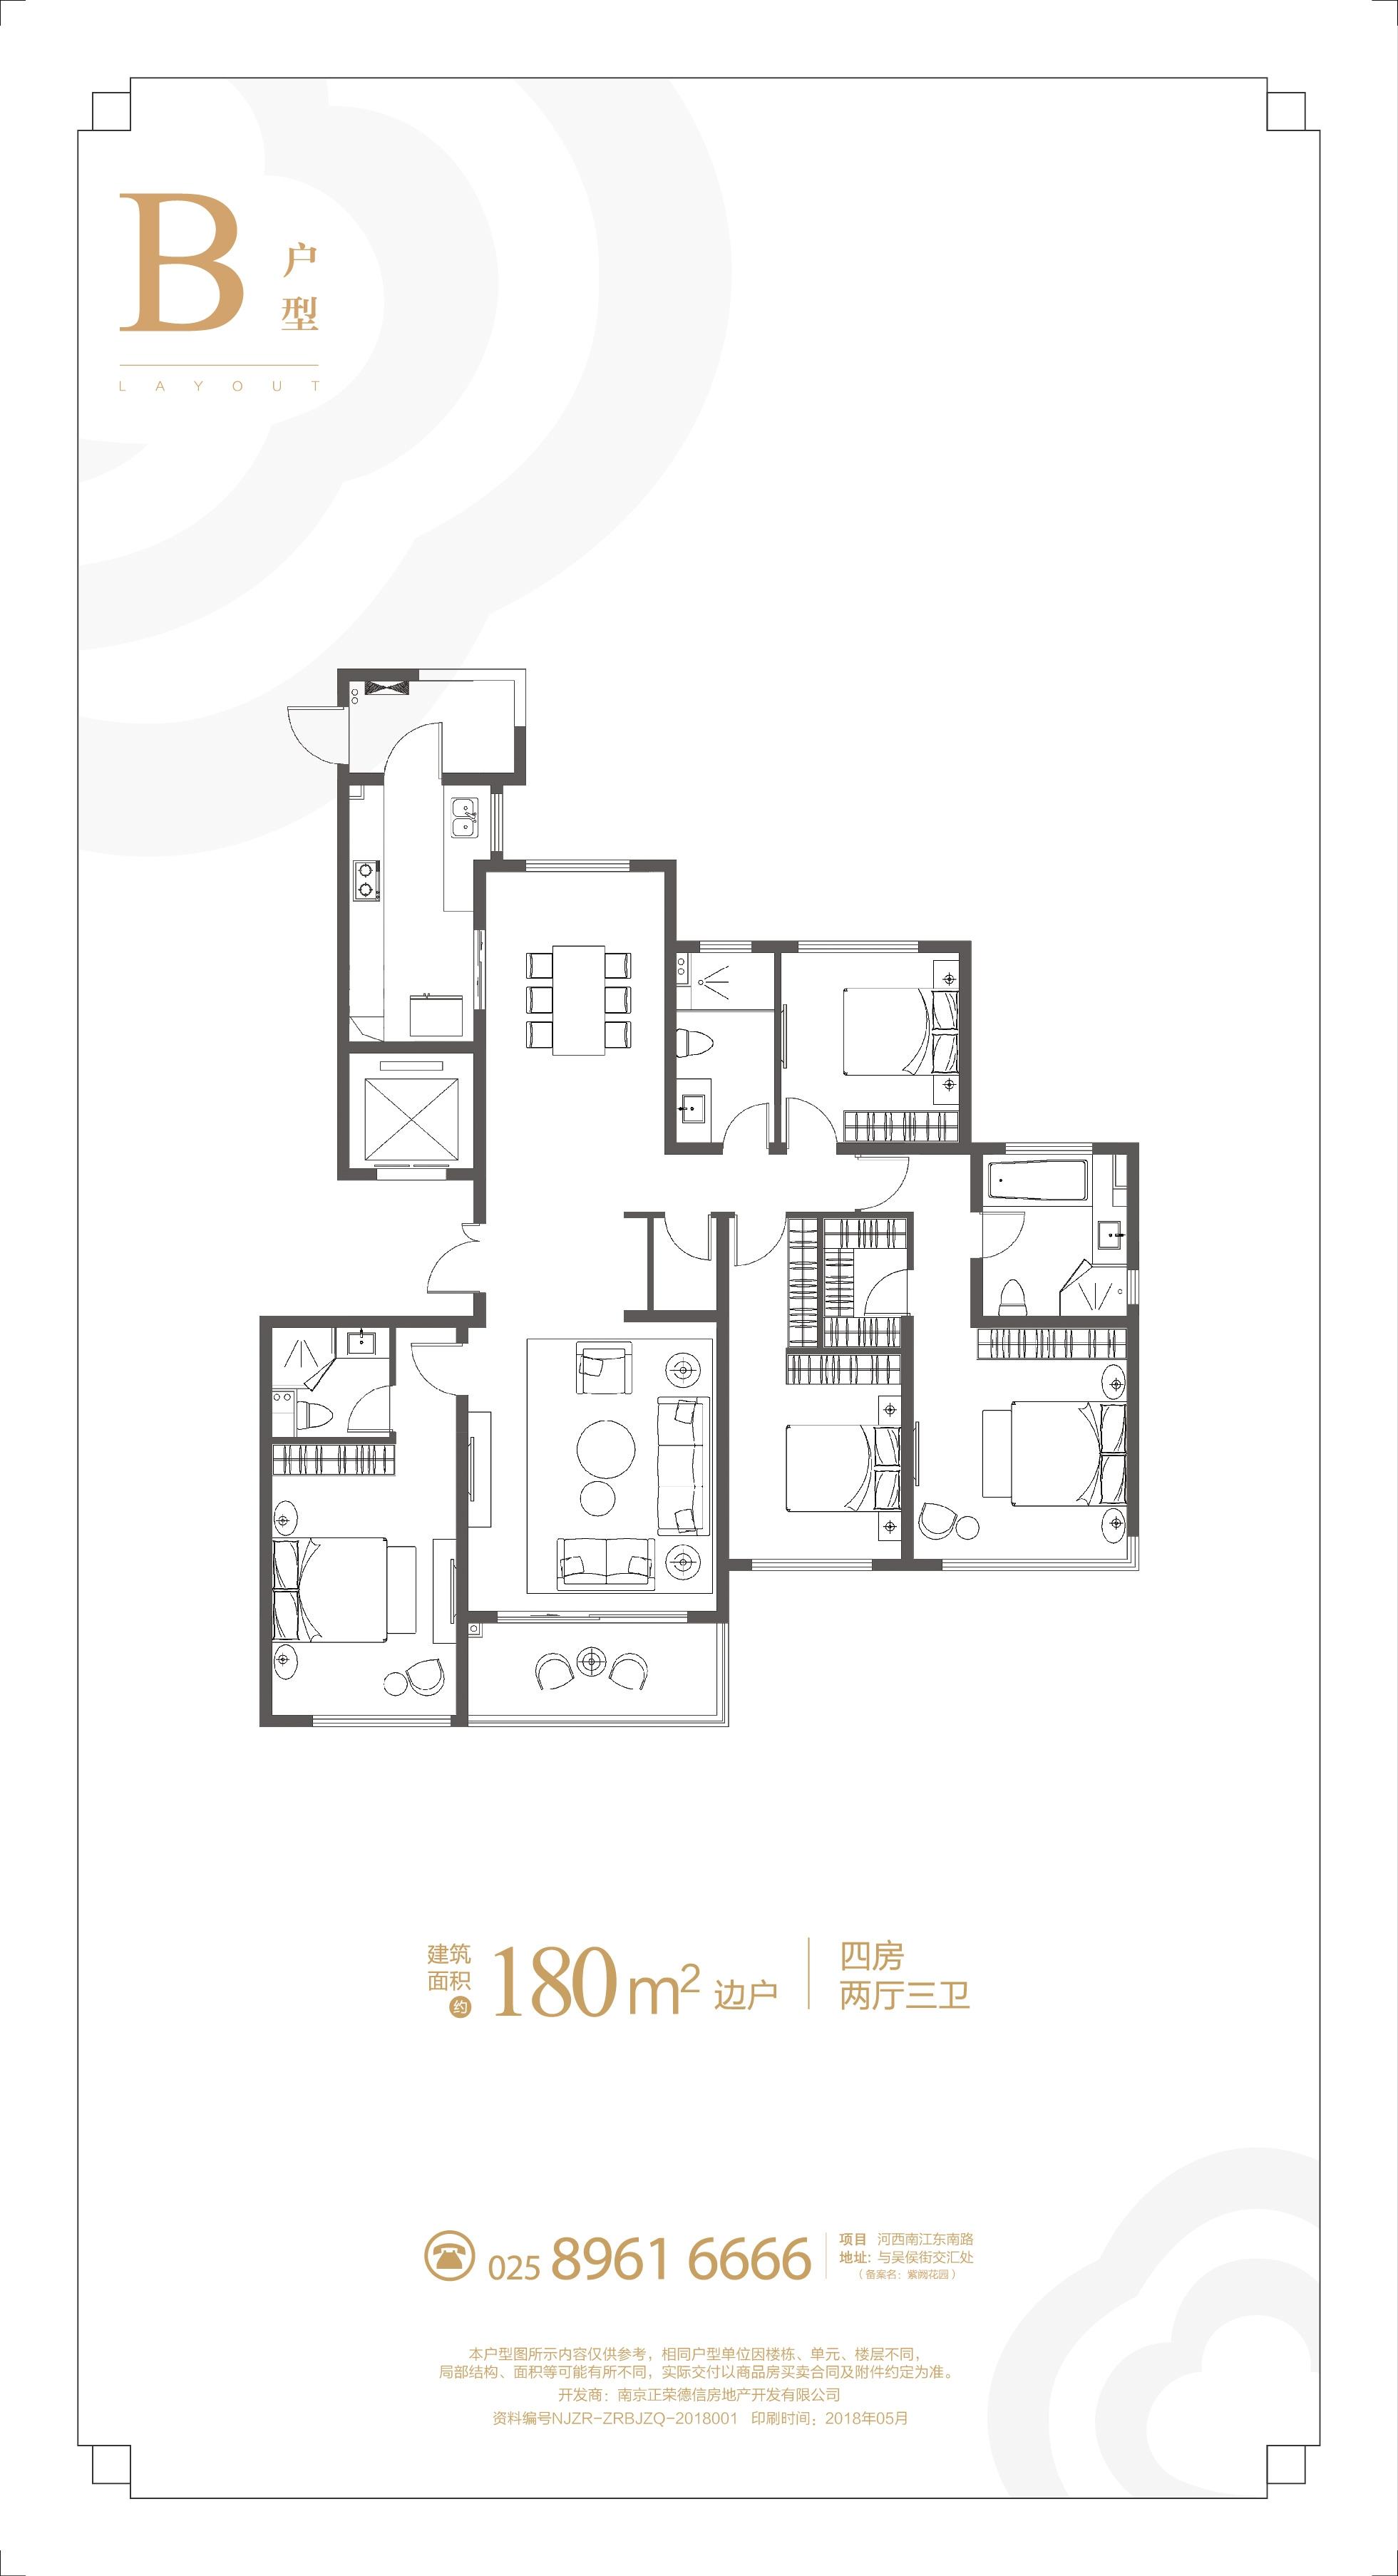 正荣滨江紫阙180㎡四室两厅三卫B户型